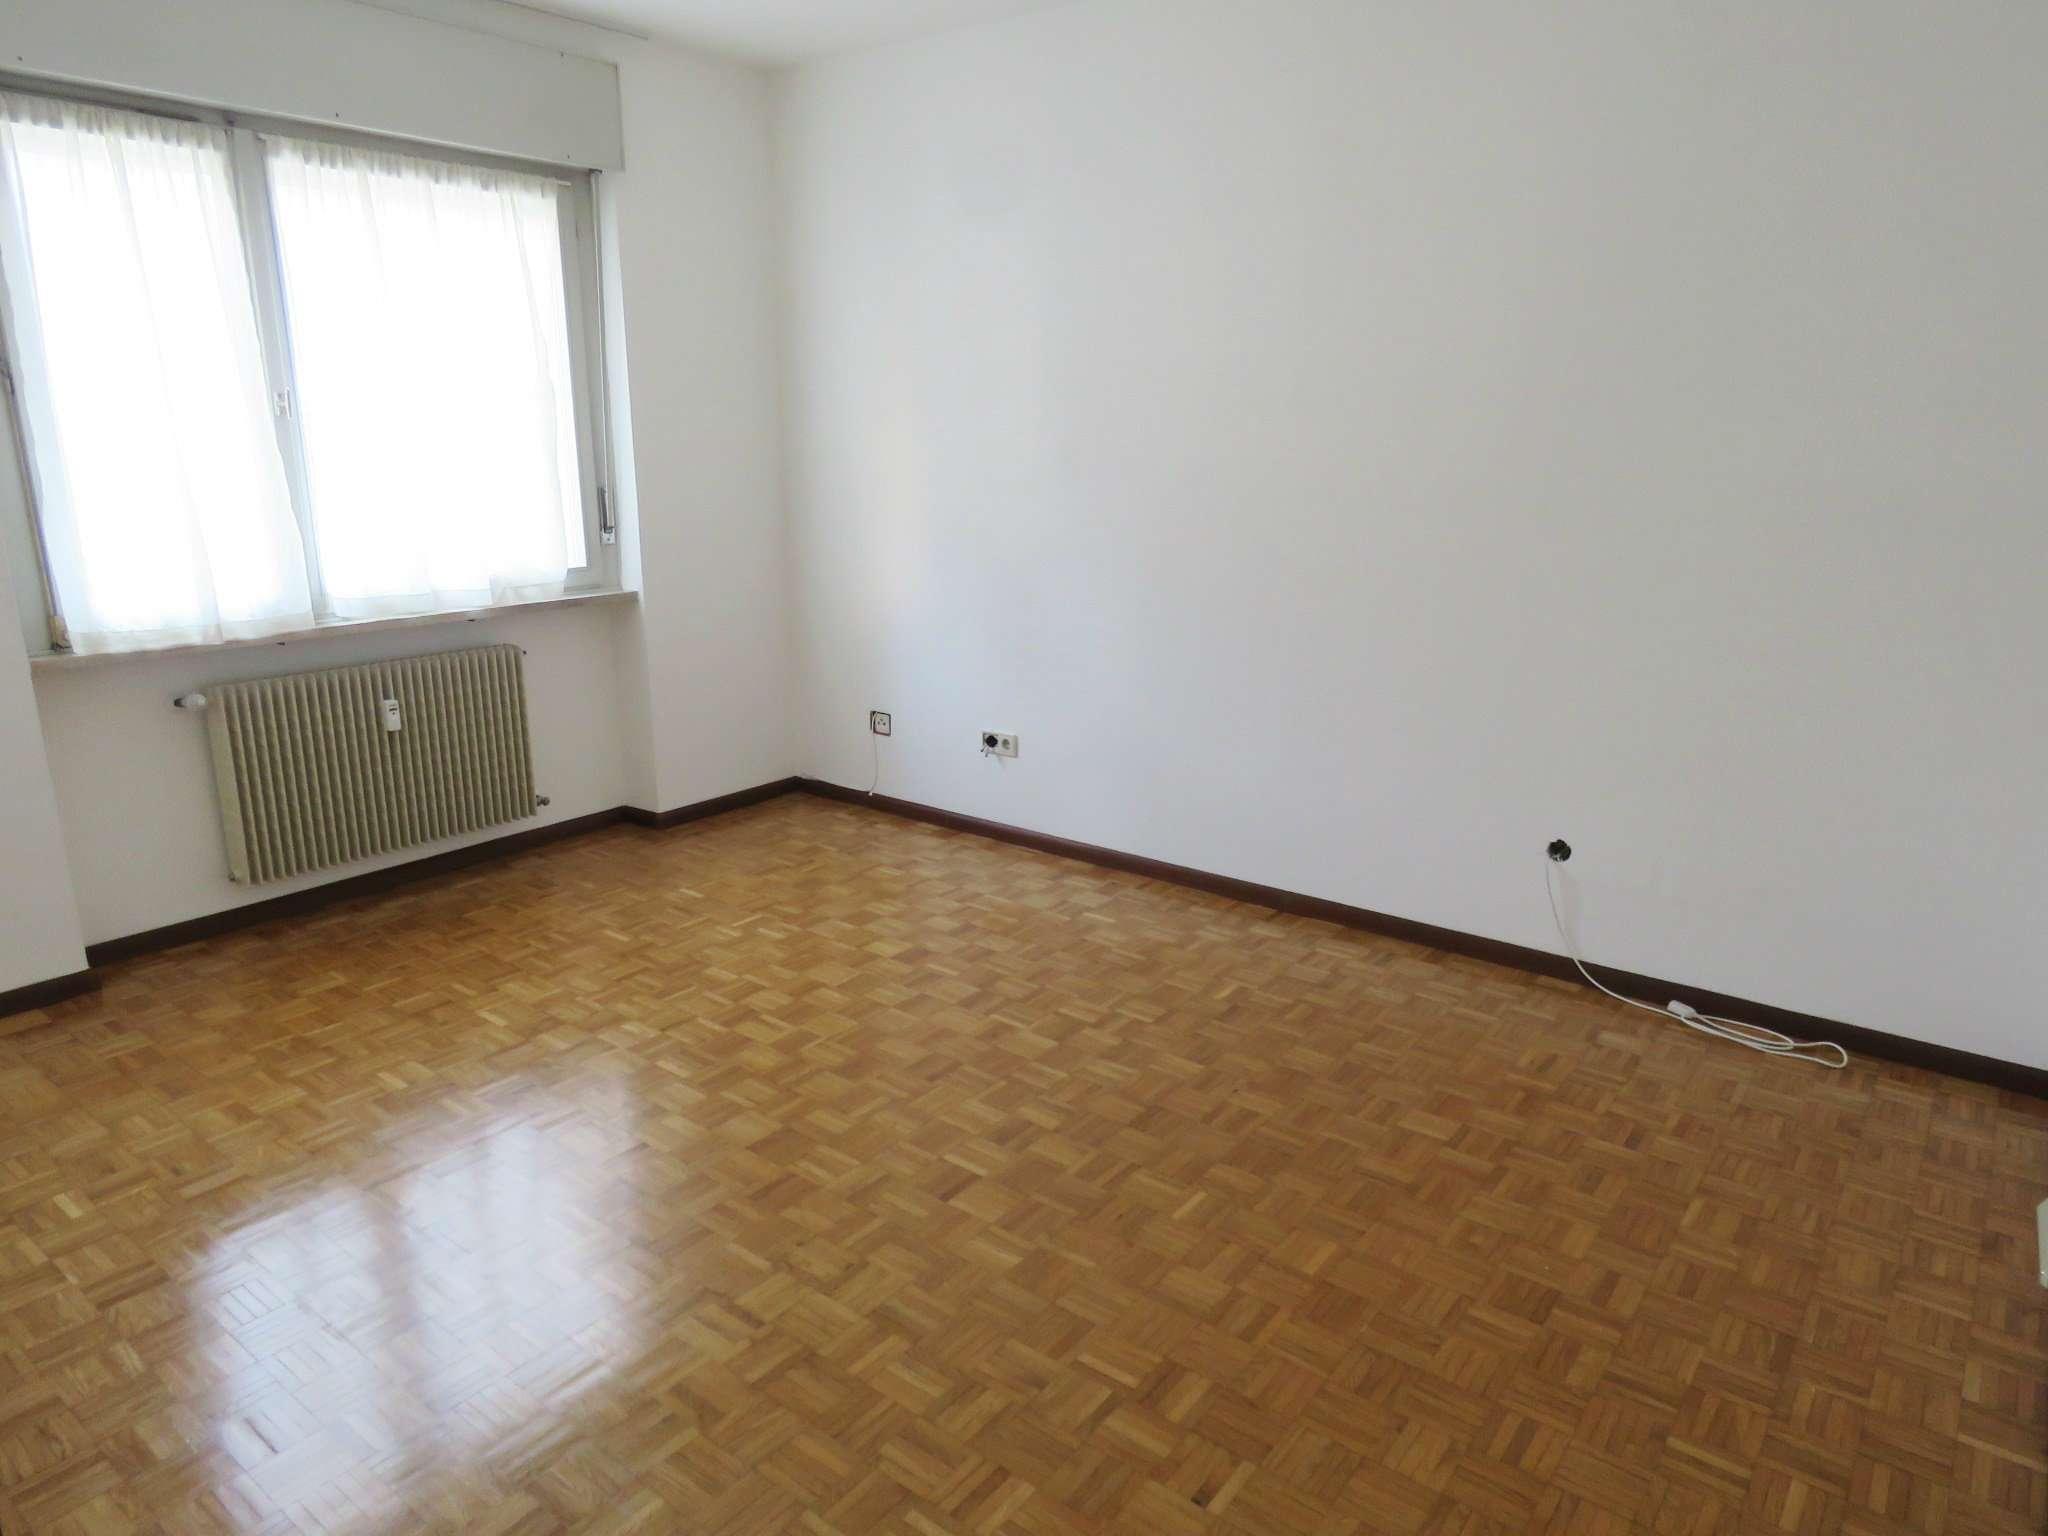 Triocale con cucina abitabile in centro Rif.13983677